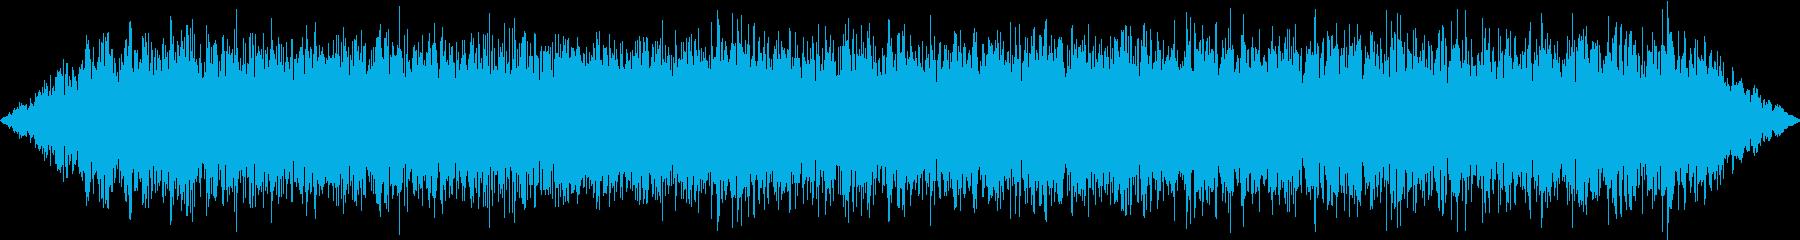 【生録音】エアコンの室外機の音 2の再生済みの波形